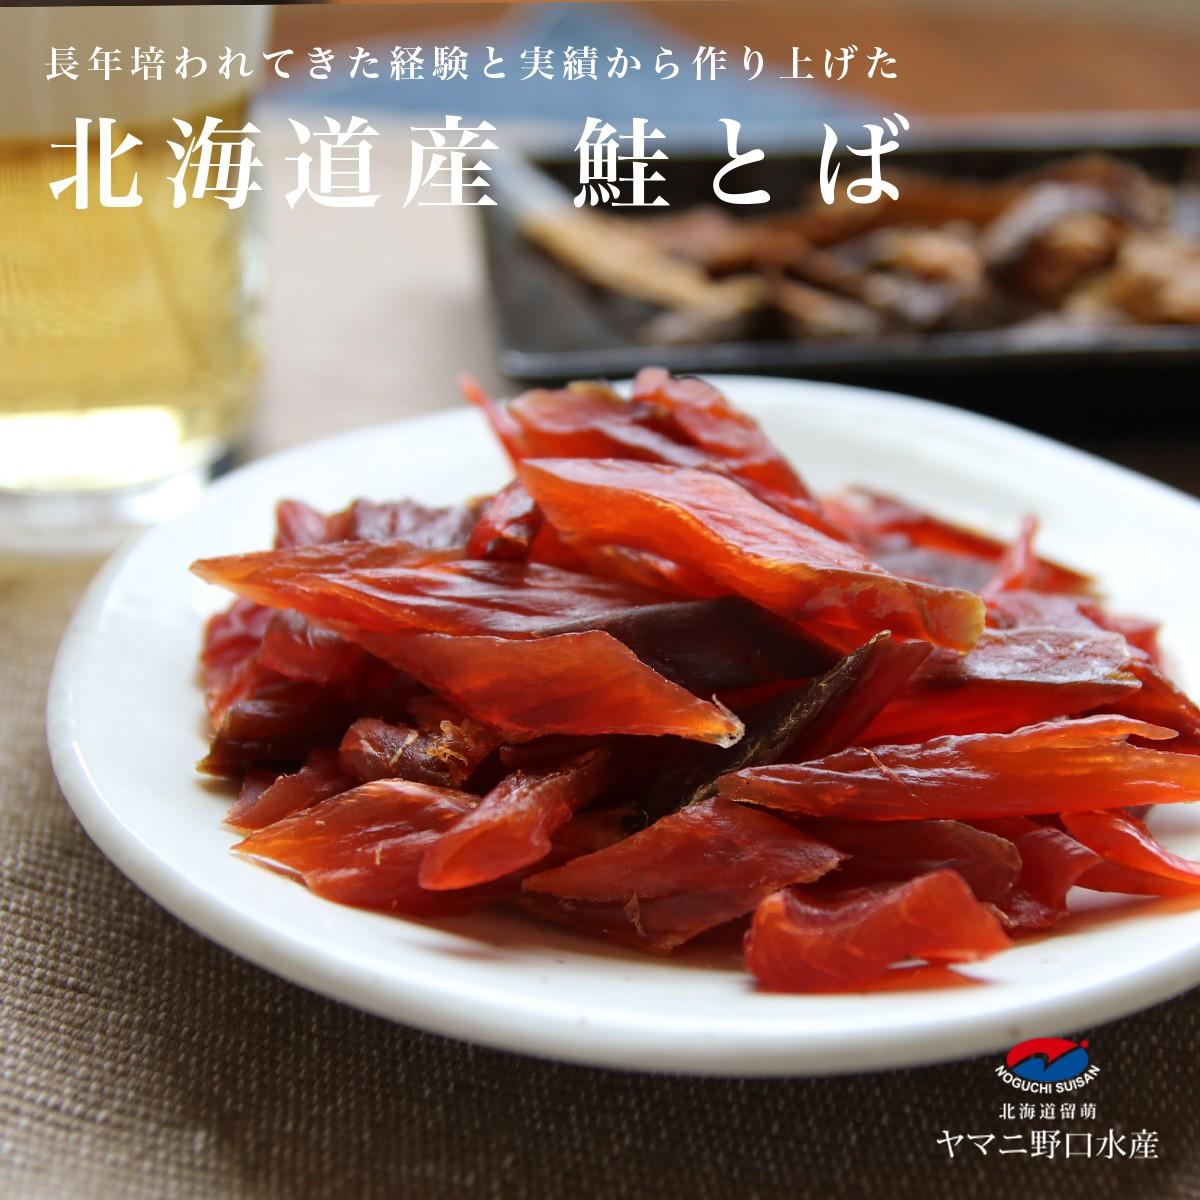 皮を剥がし 食べやすくカットされてます 北海道 北海道産 おつまみ 珍味 晩酌 おやつ 新作からSALEアイテム等お得な商品 満載 鮭とば トバ 送料無料 カットサーモン 80g 皮なし 鮭 しゃけ 酒の肴 とば 美味しい 海産物 つまみ やわらかい おいしい お取り寄せグルメ さけとば 卓越 魚 お取り寄せ 特産 ビールのおつまみ シャケ 鮭トバ ソフト